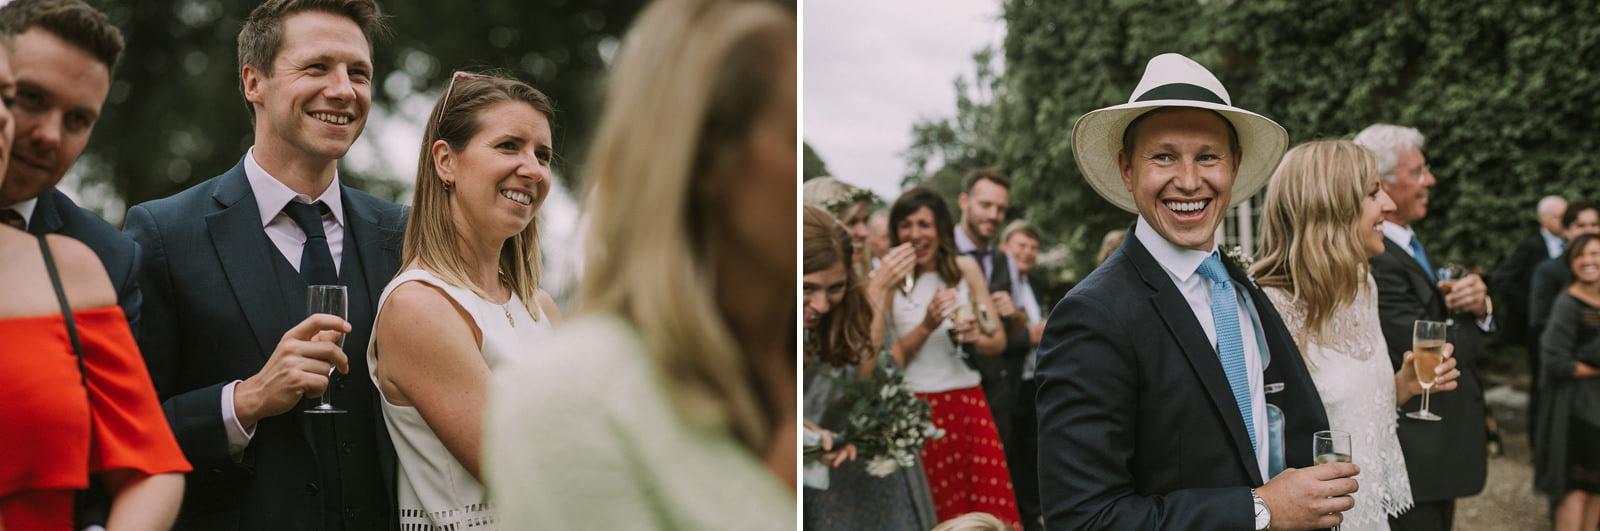 rustic wedding somerset photography